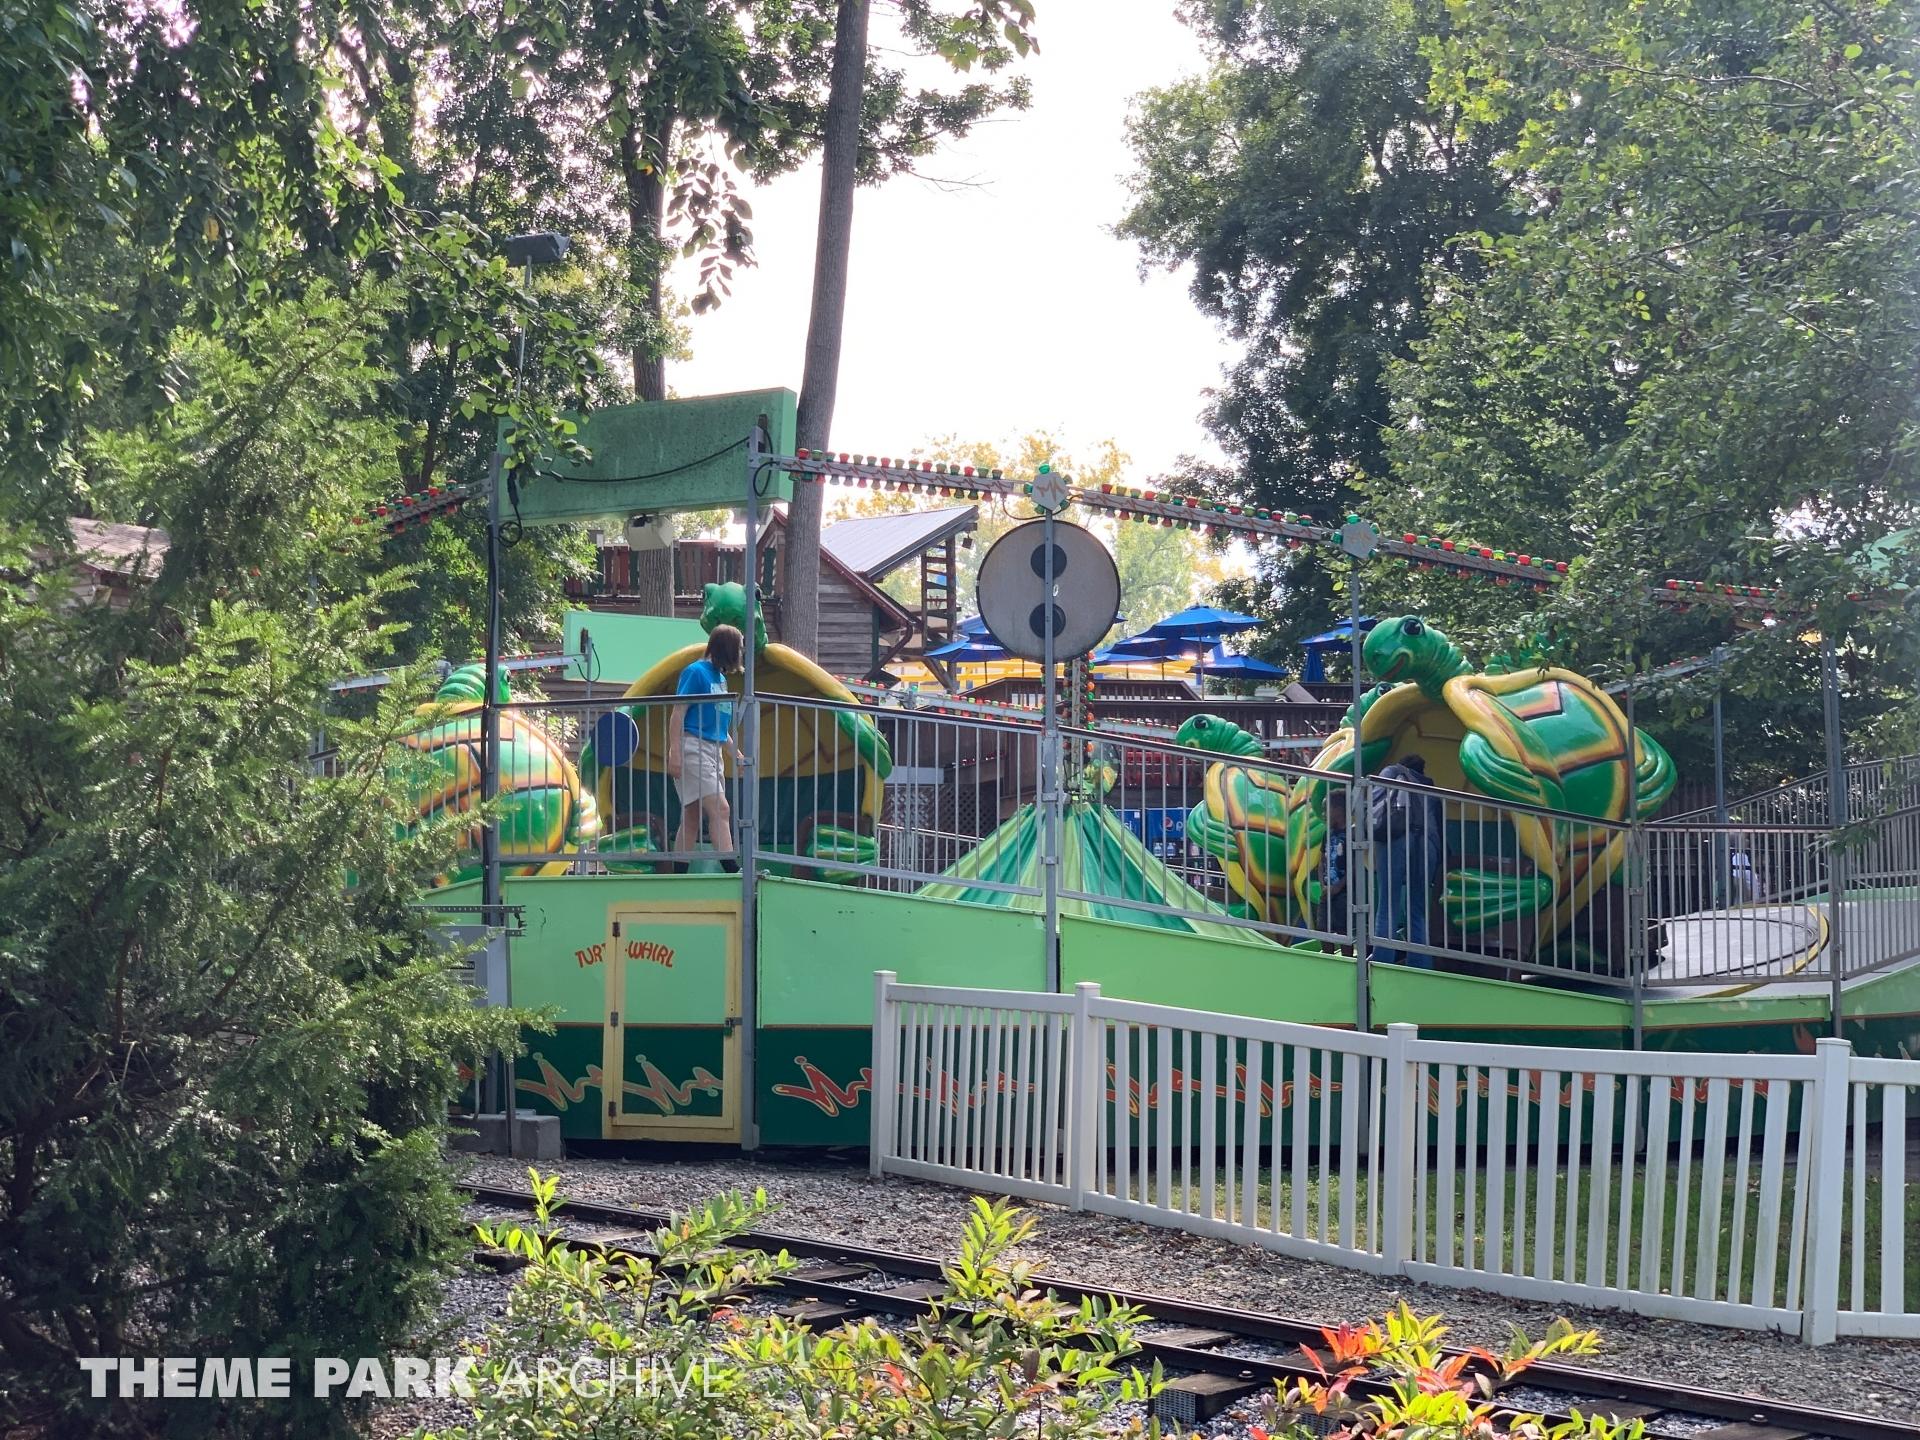 Turtle Whirl at Dutch Wonderland